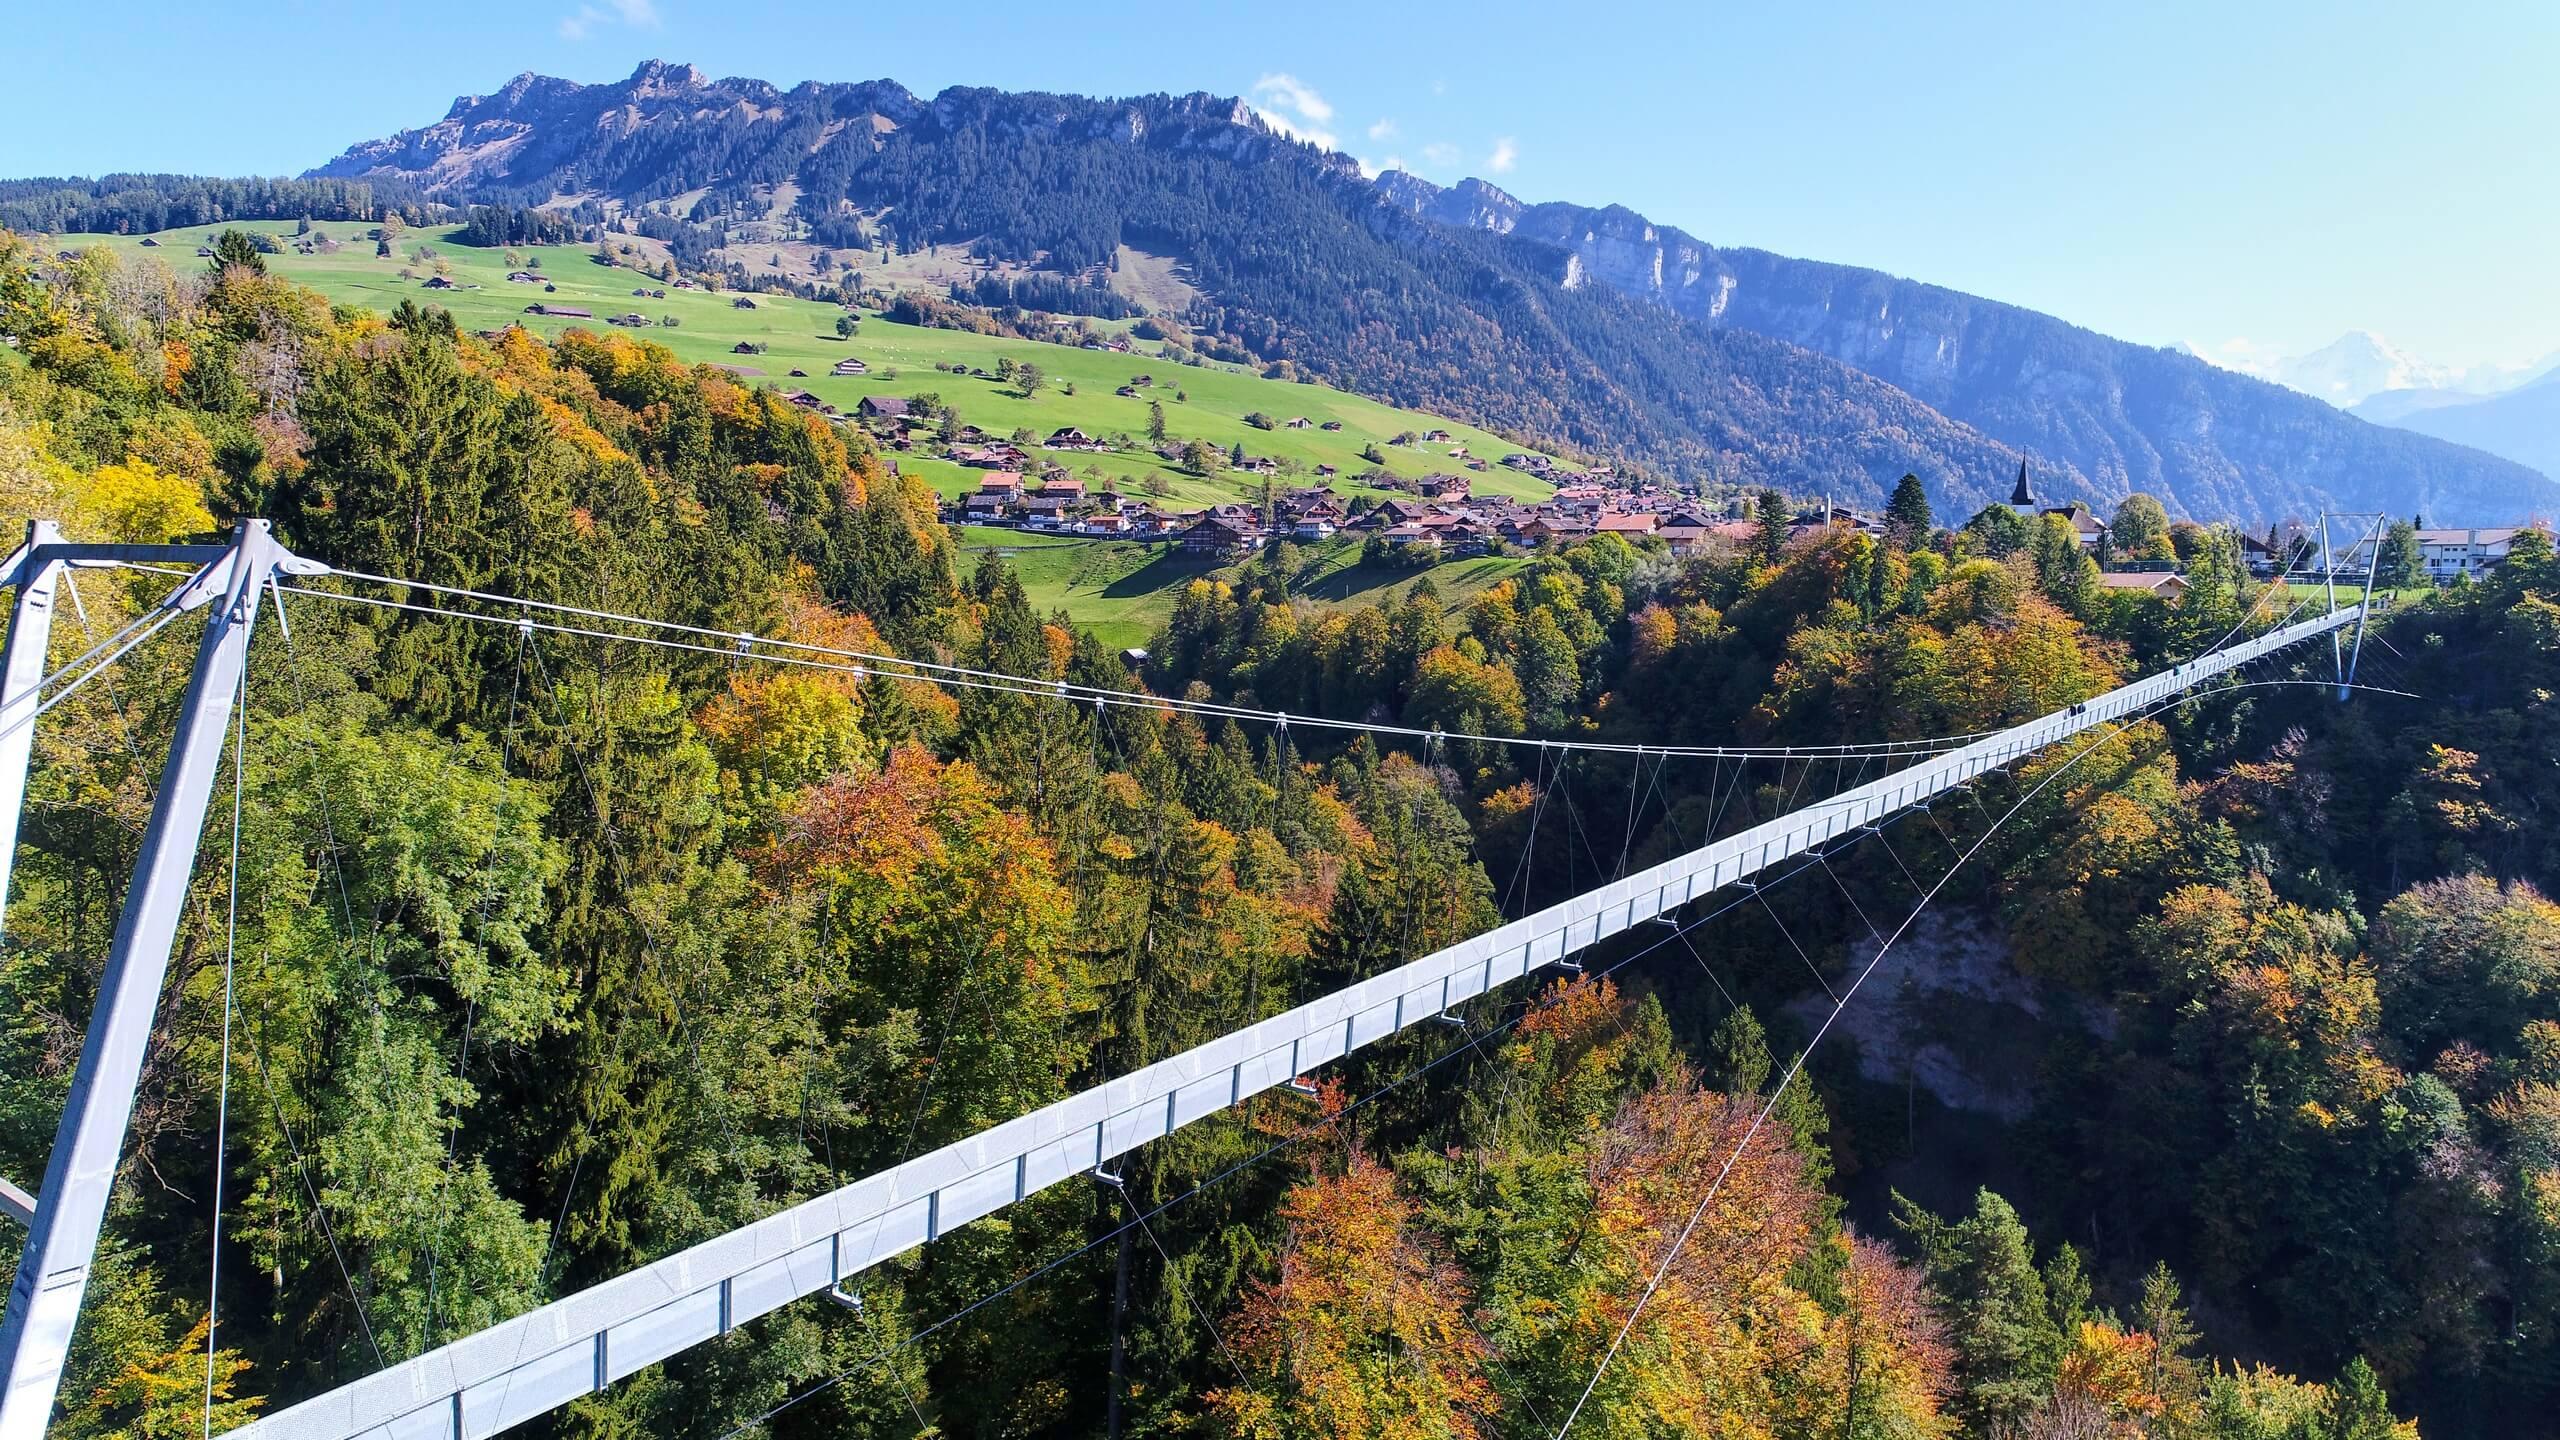 sigriswil-panorama-bruecke-aussicht-fruehling-waelder